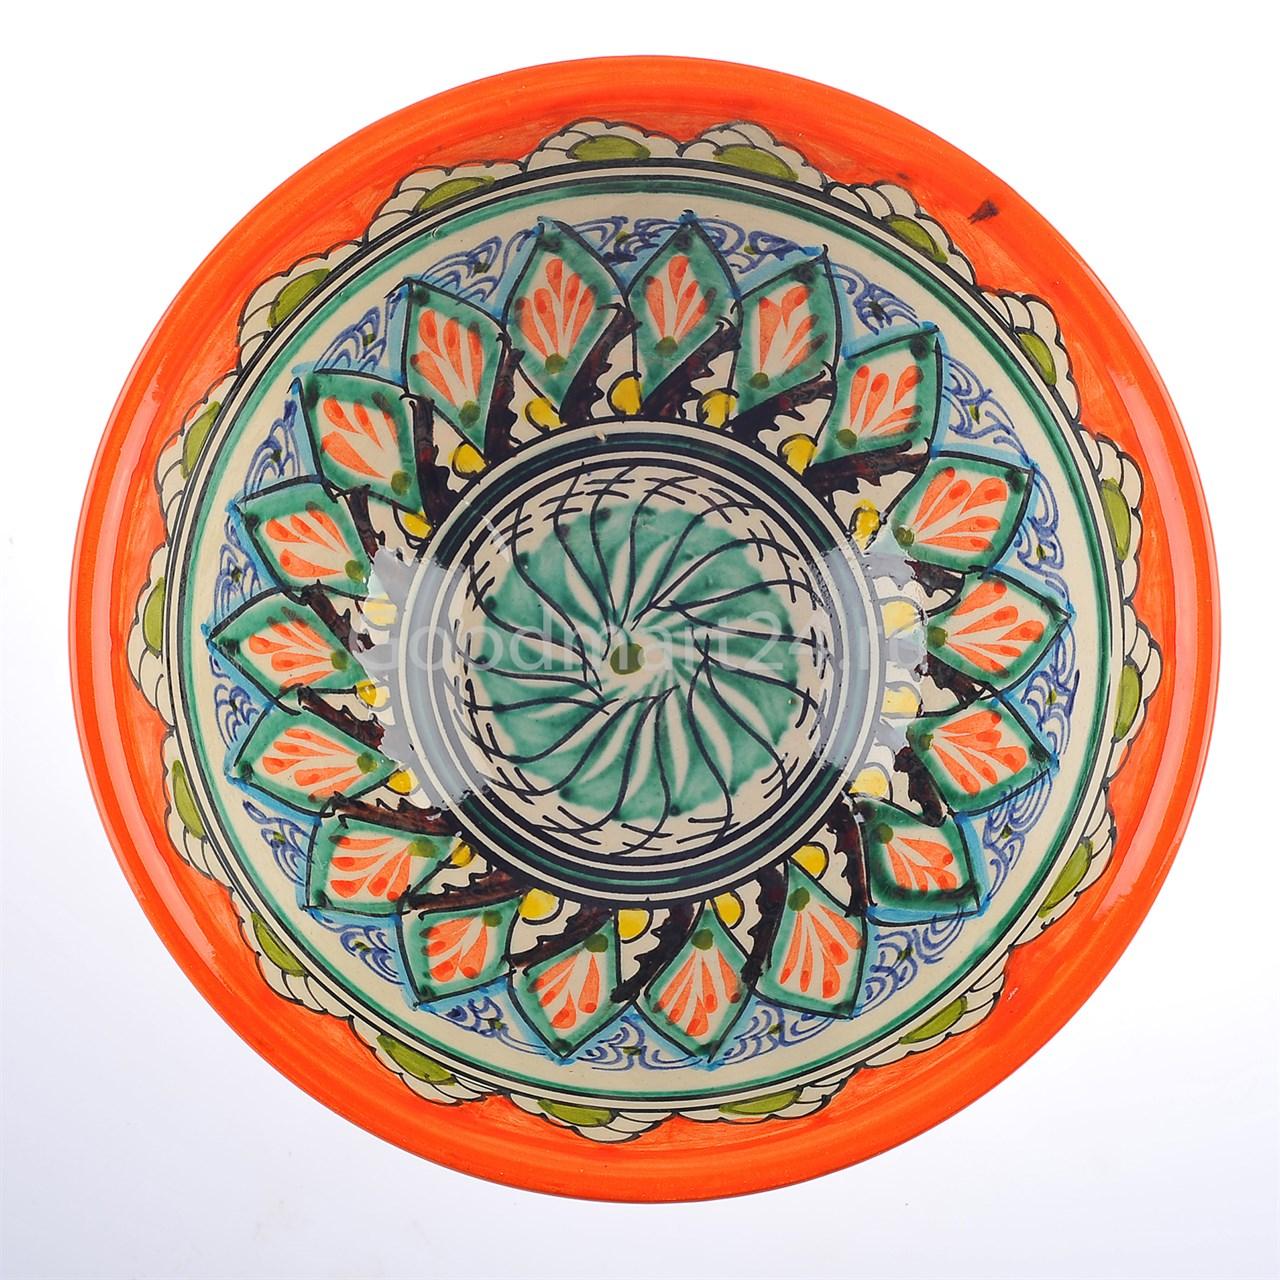 Риштанская Коса средняя 15.5 см. оранжевый Мехроб - фото 12871